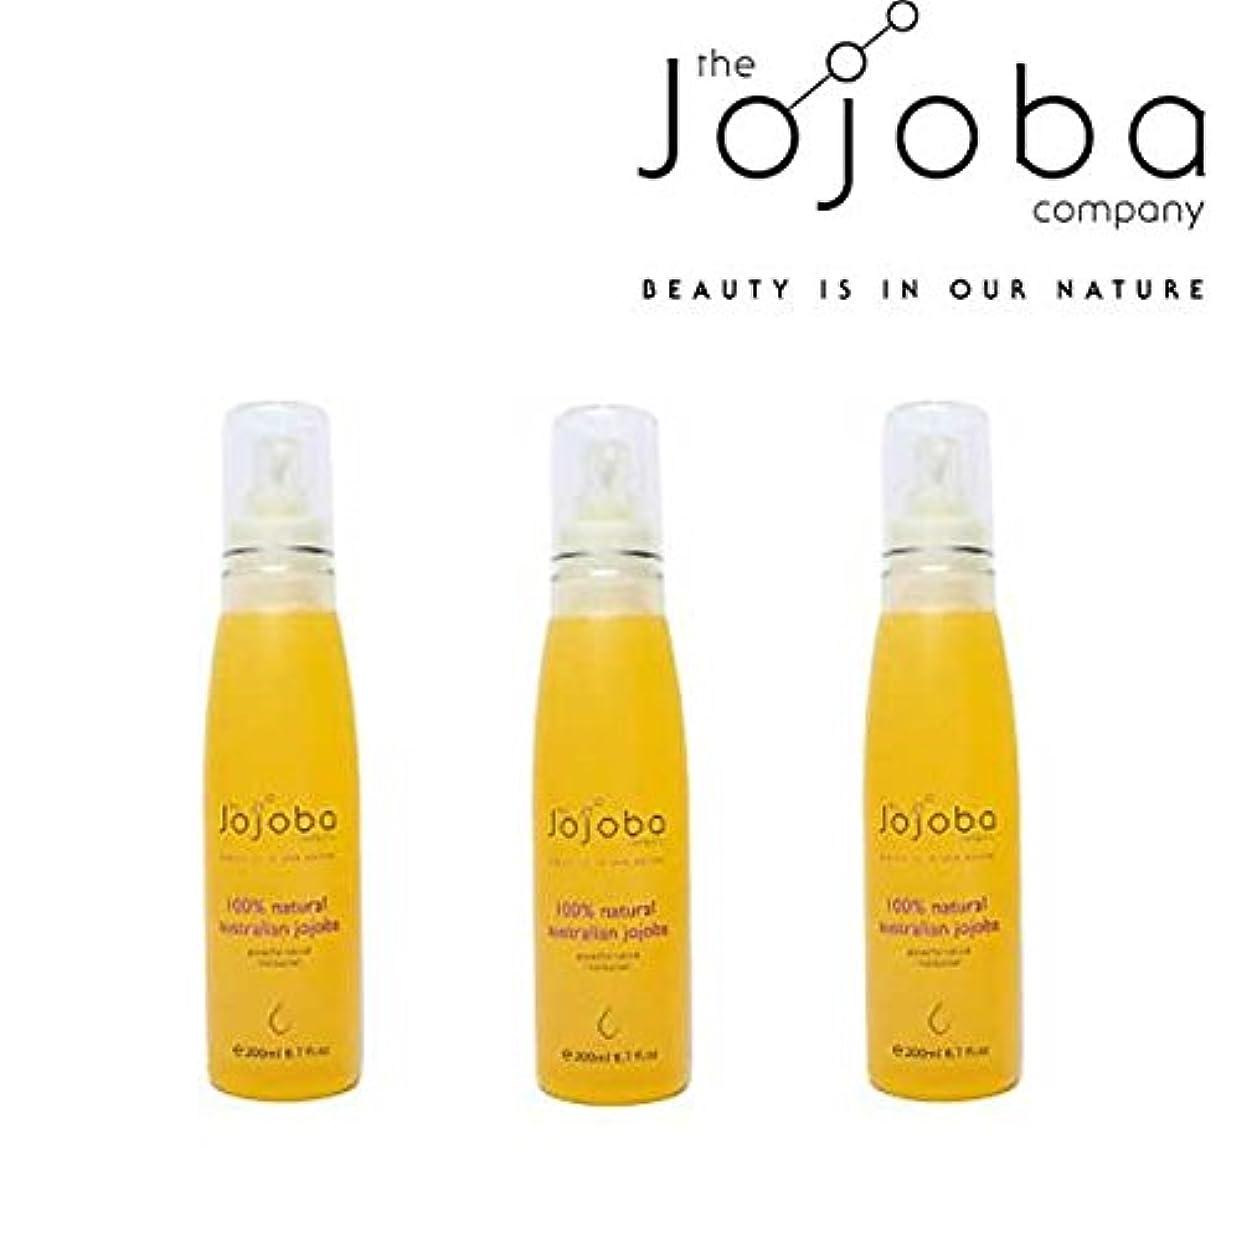 びっくりした愛する悩み[The jojoba Company]天然100% オーストラリア産ゴールデンホホバオイル200ml(3本セット)[海外直送品]